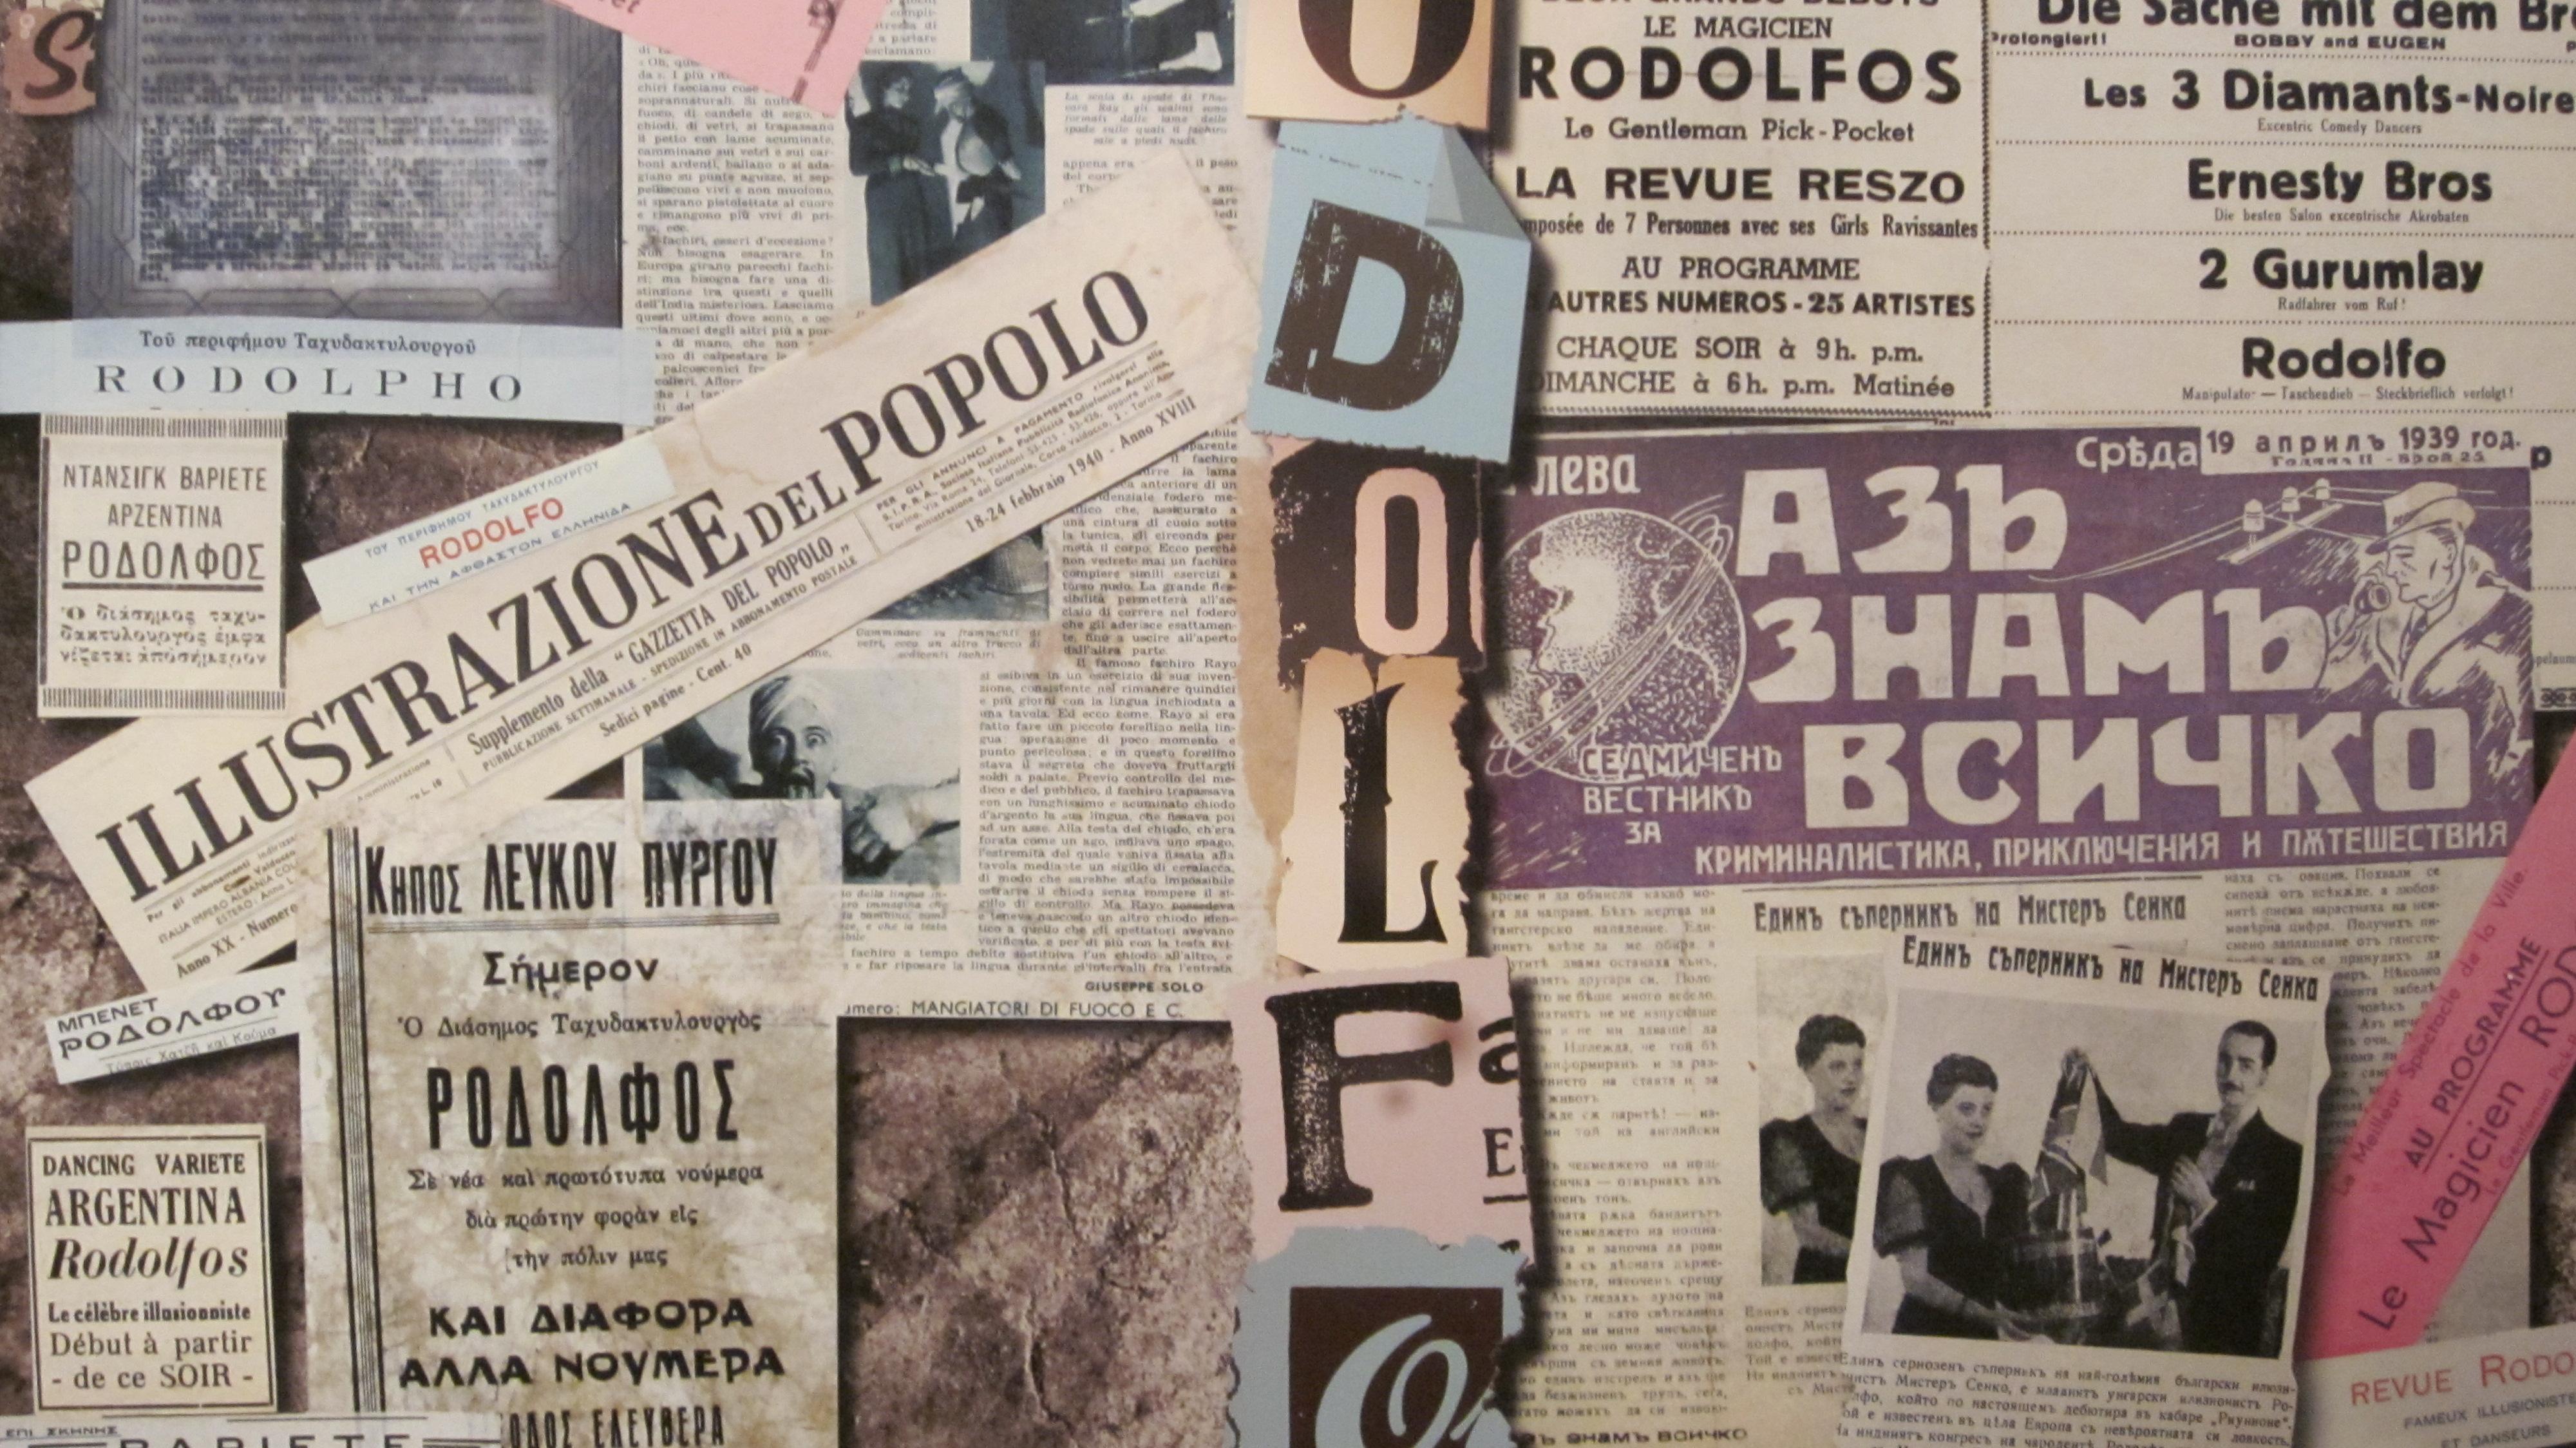 Rodolfo1